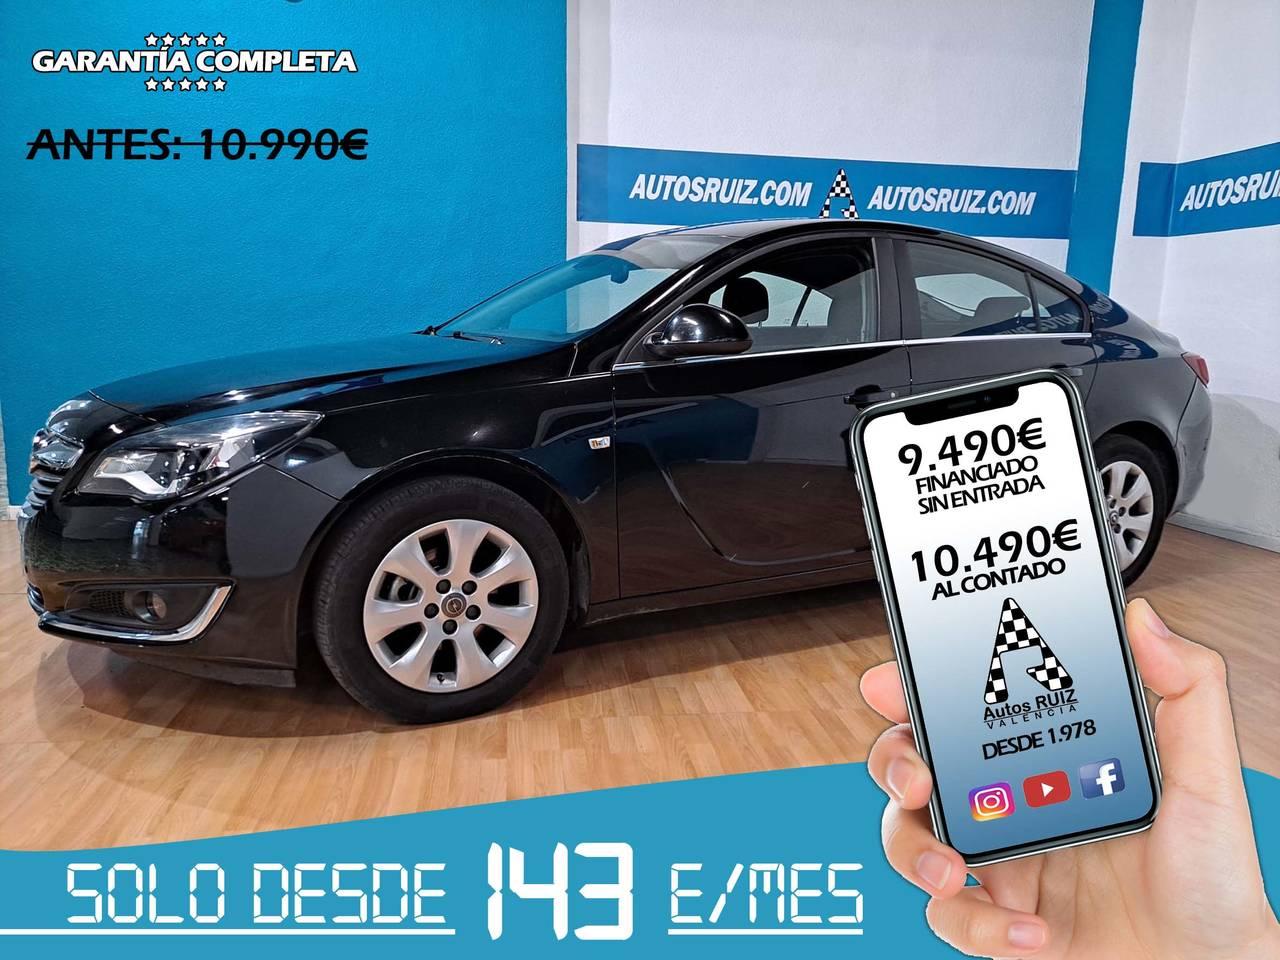 OPEL INSIGNIA 1.6 CDTI 120 HP BUSINESS S/S  - Foto 1